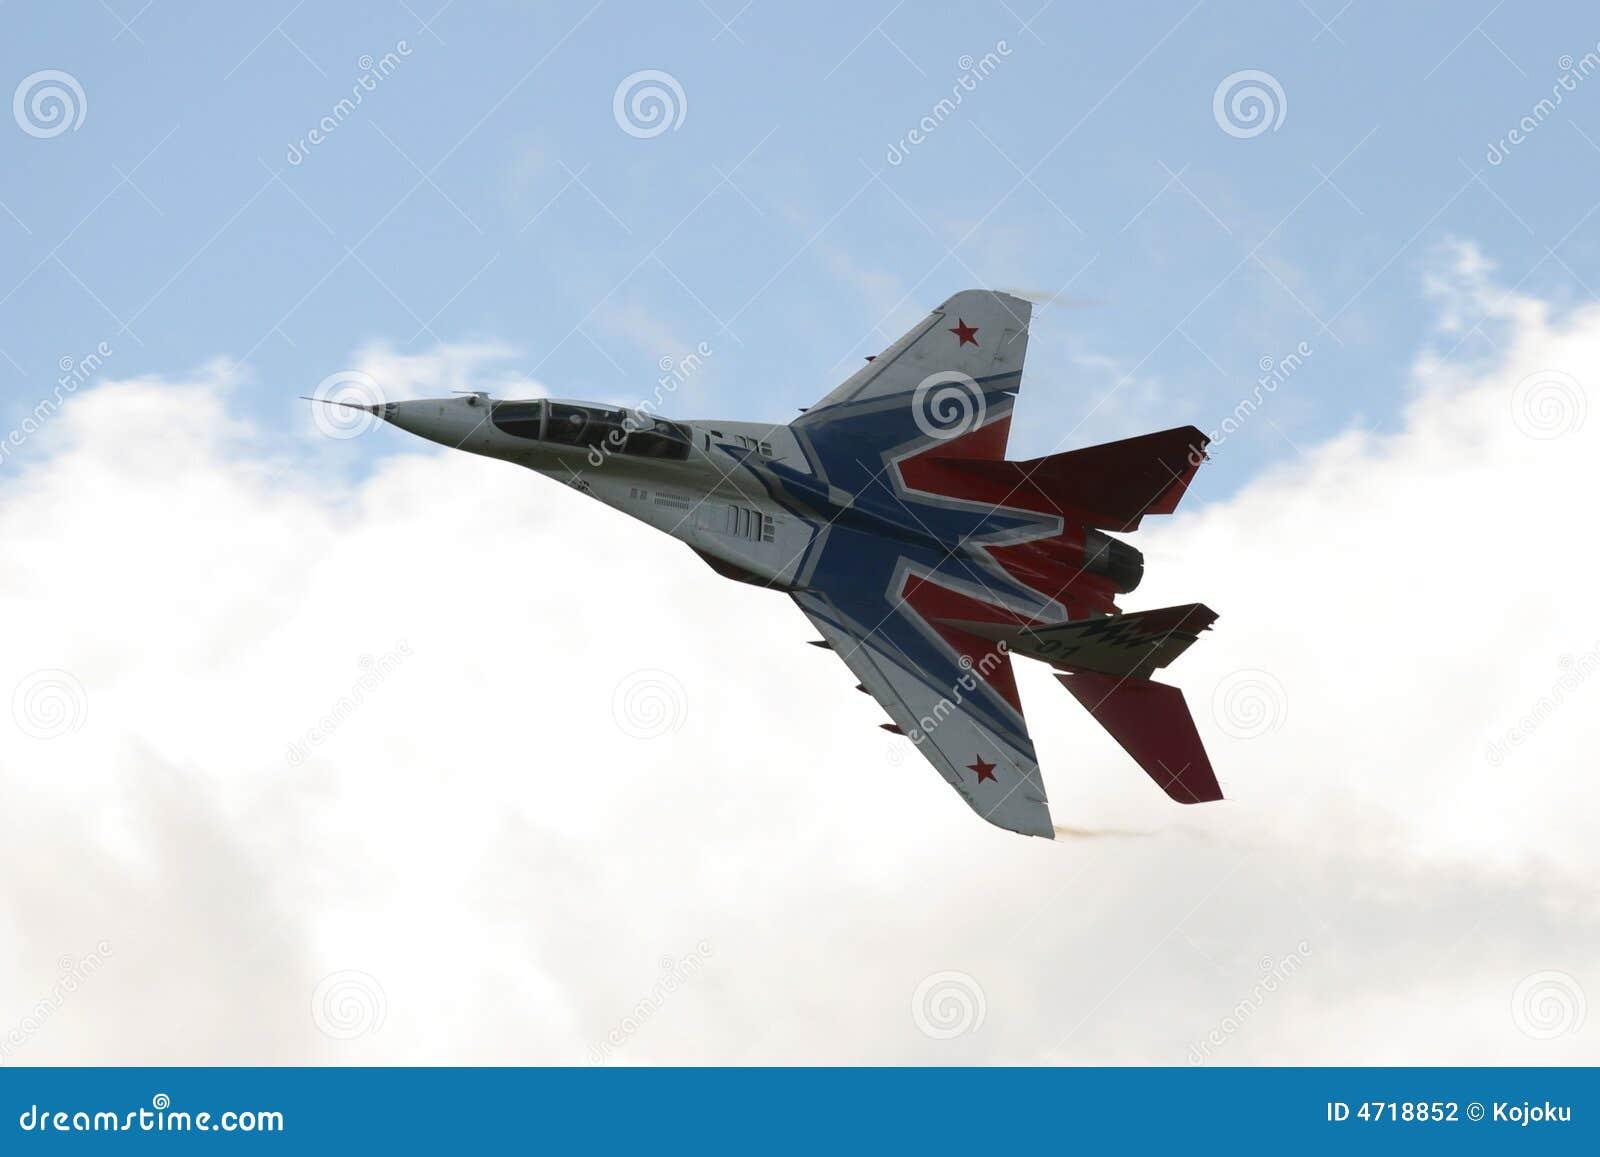 Aereo Da Caccia Russo : Aereo da caccia russo mig fotografia stock immagine